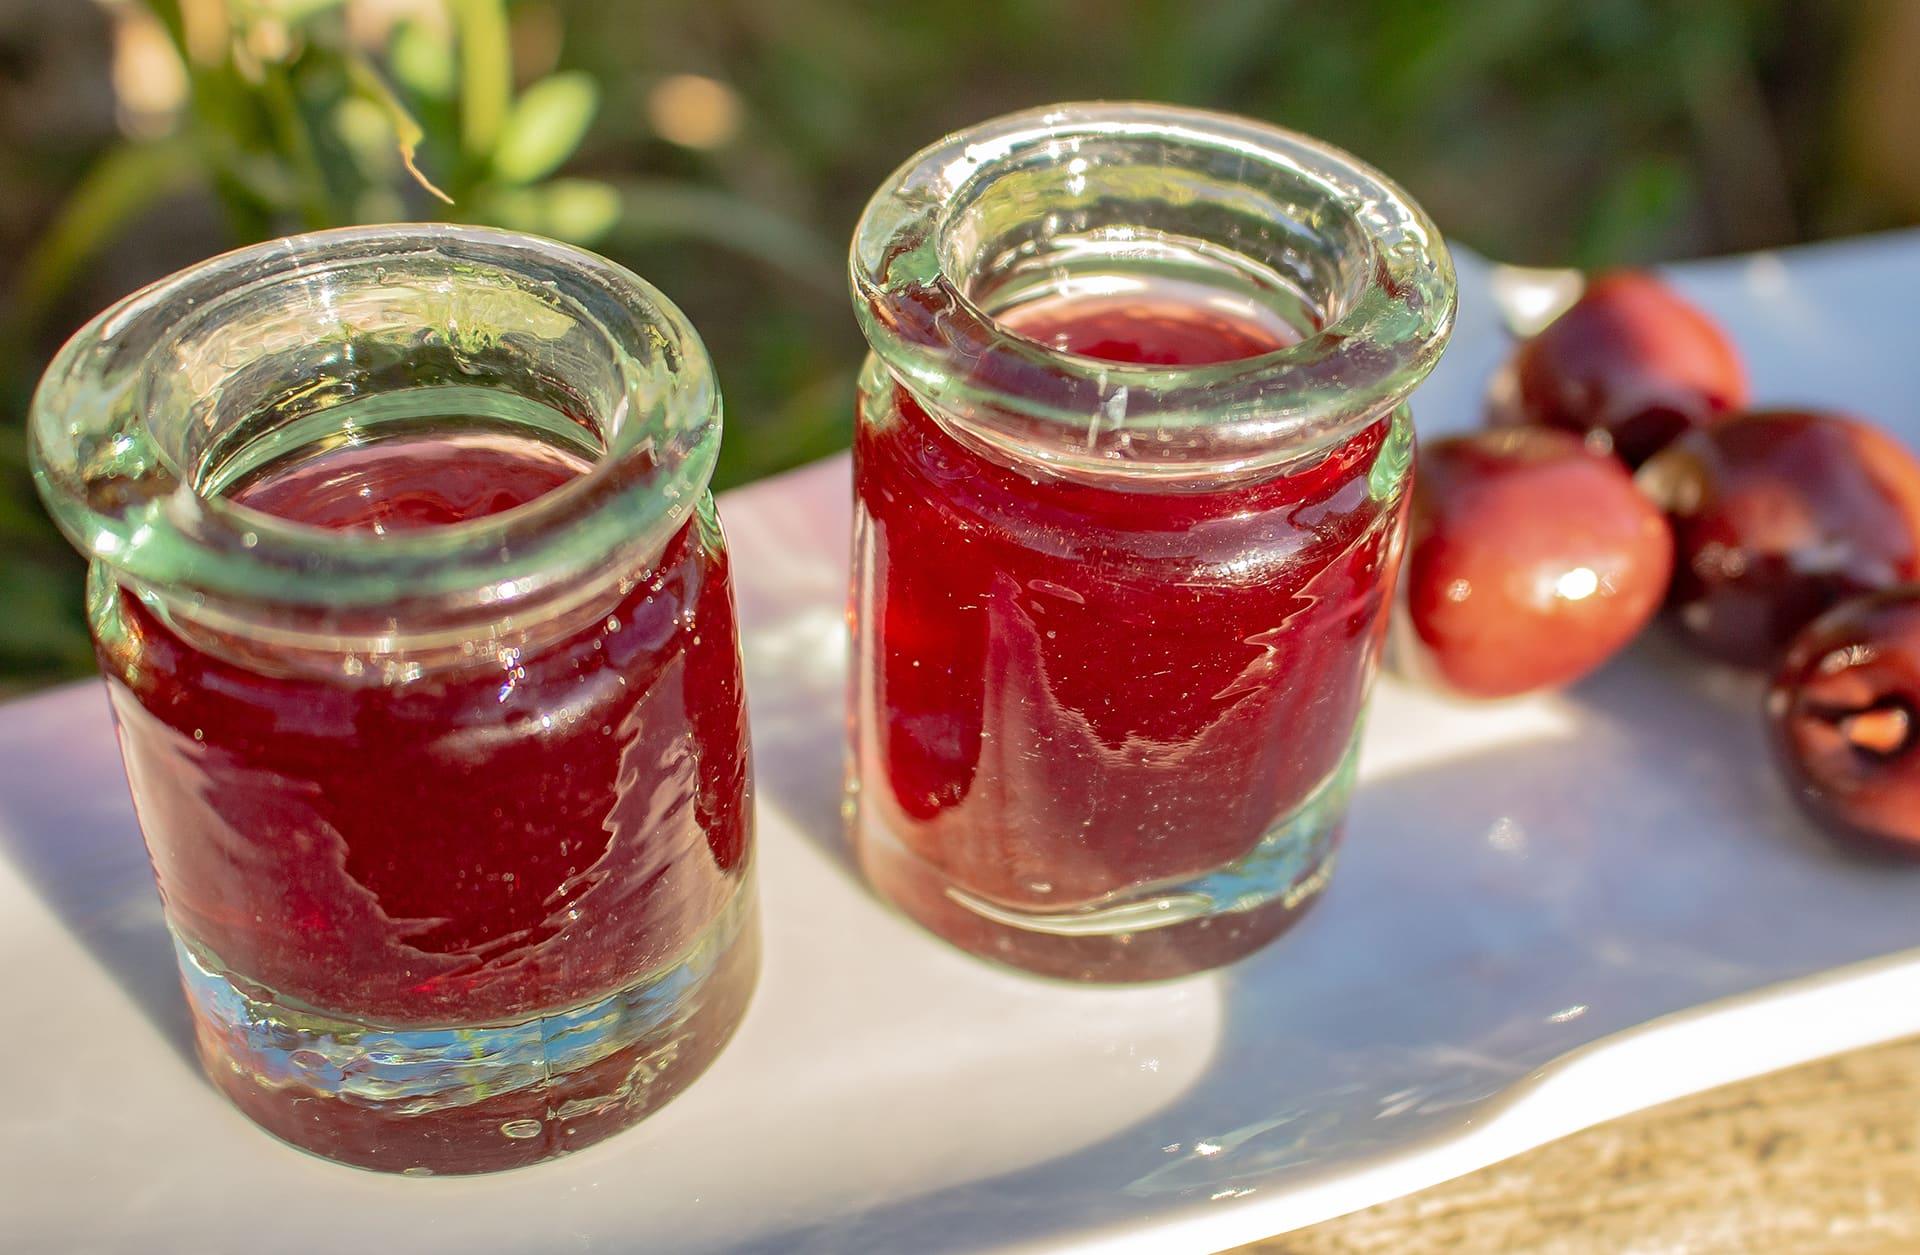 ¿Brindamos con unas cerezas en aguardiente?